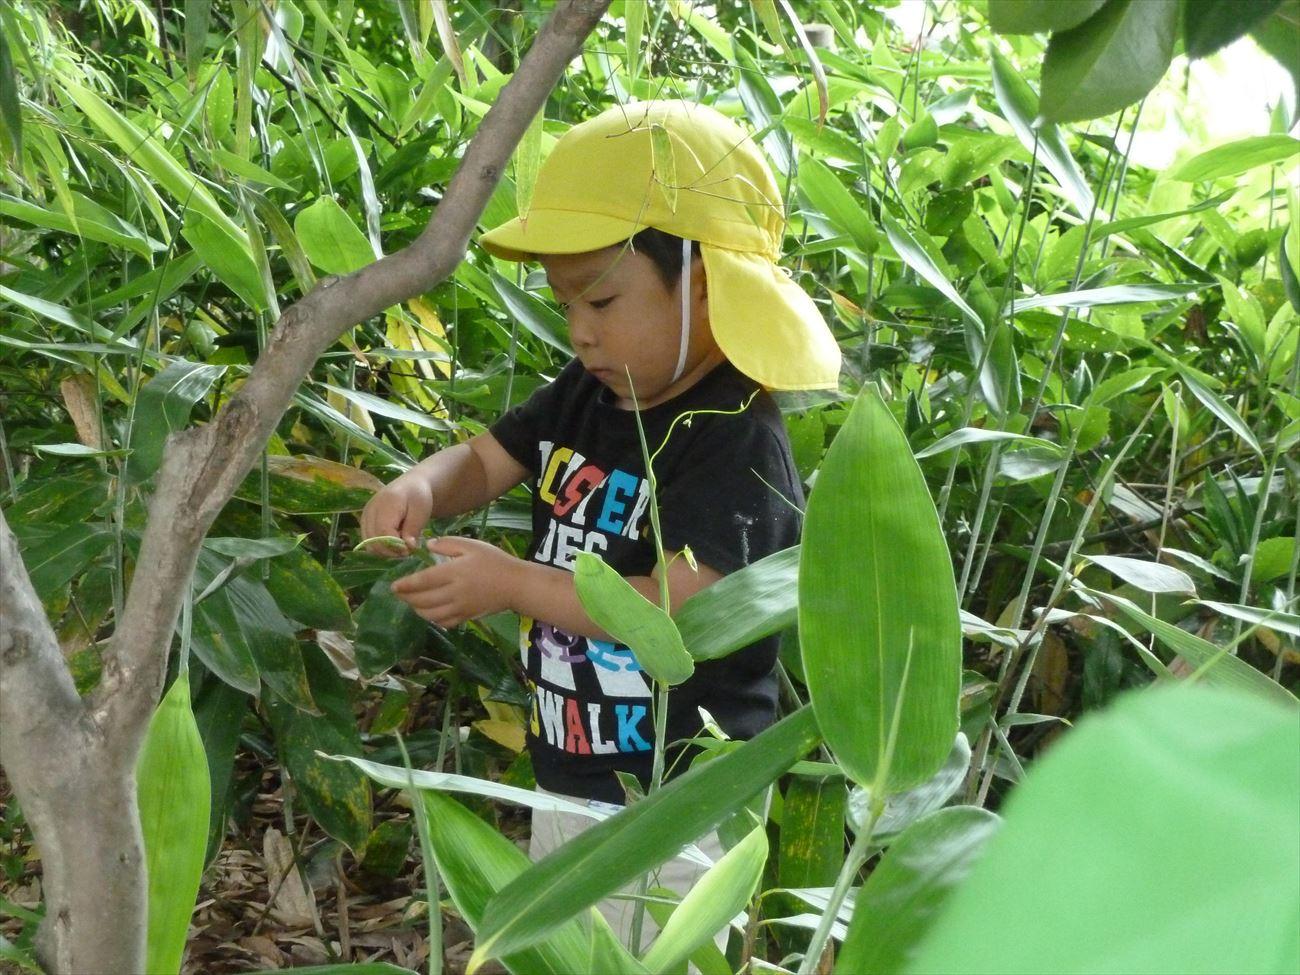 笹巻き作り{笹の葉取り」